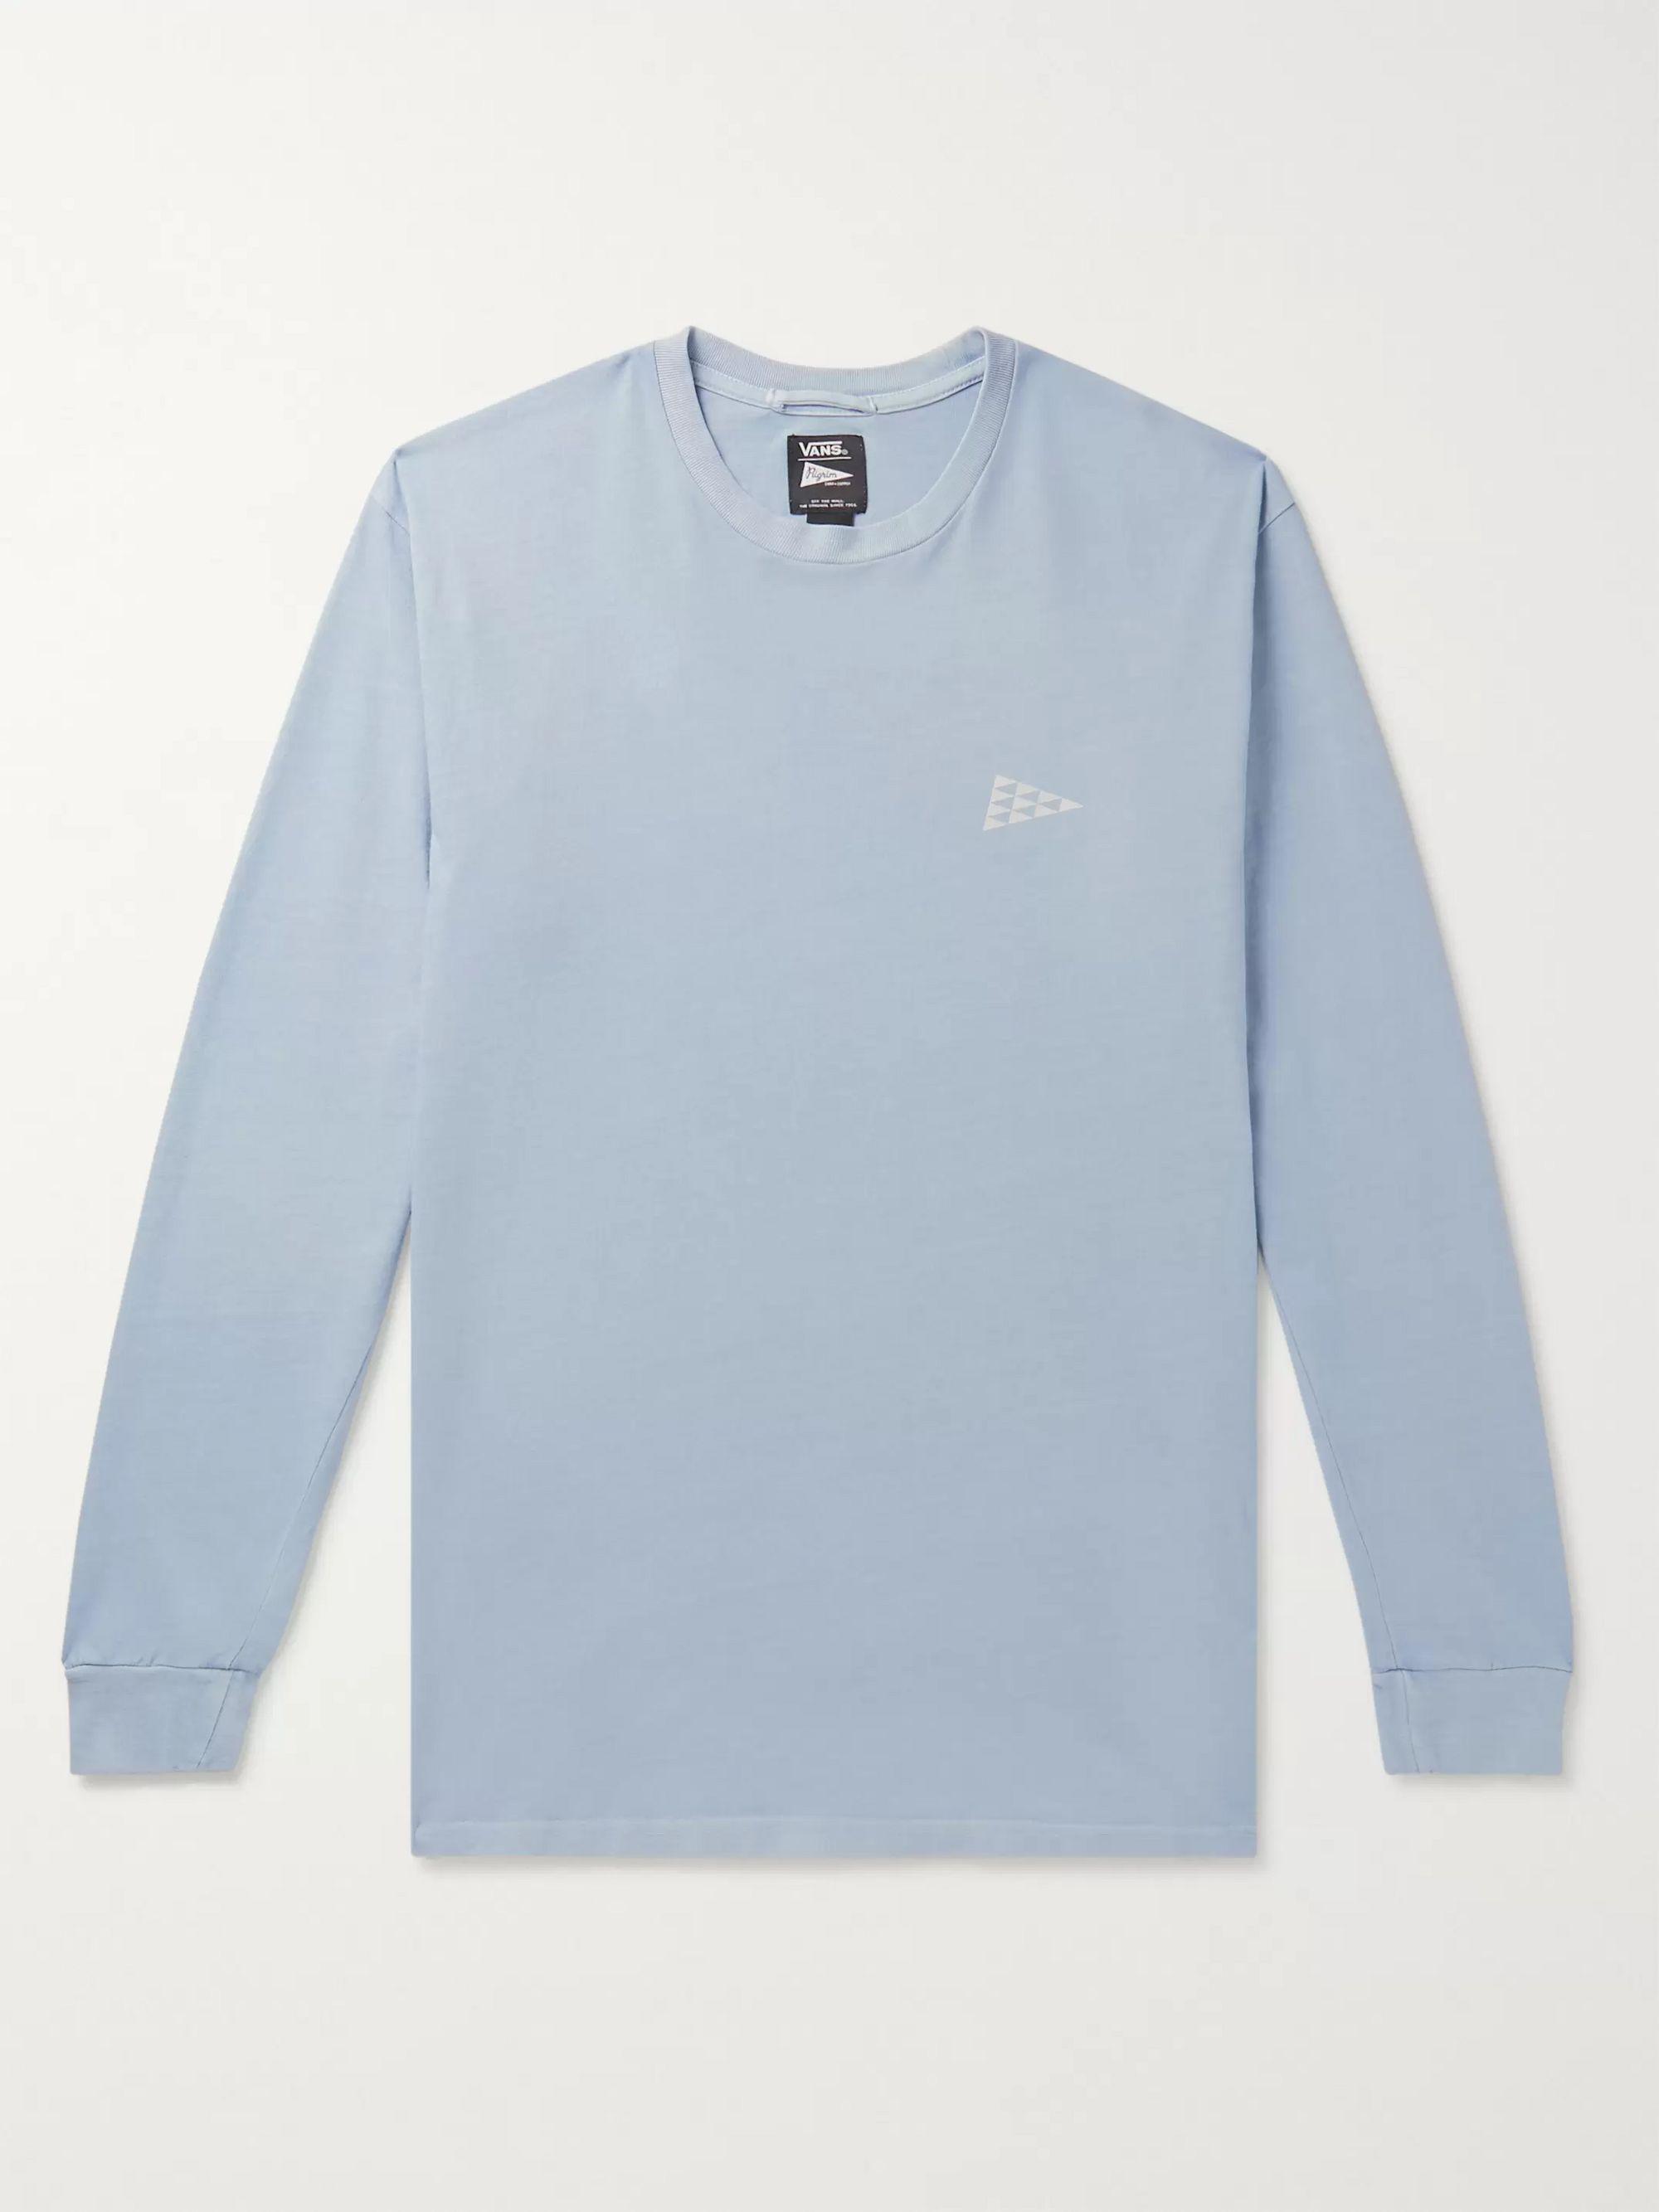 tee shirt vans simple